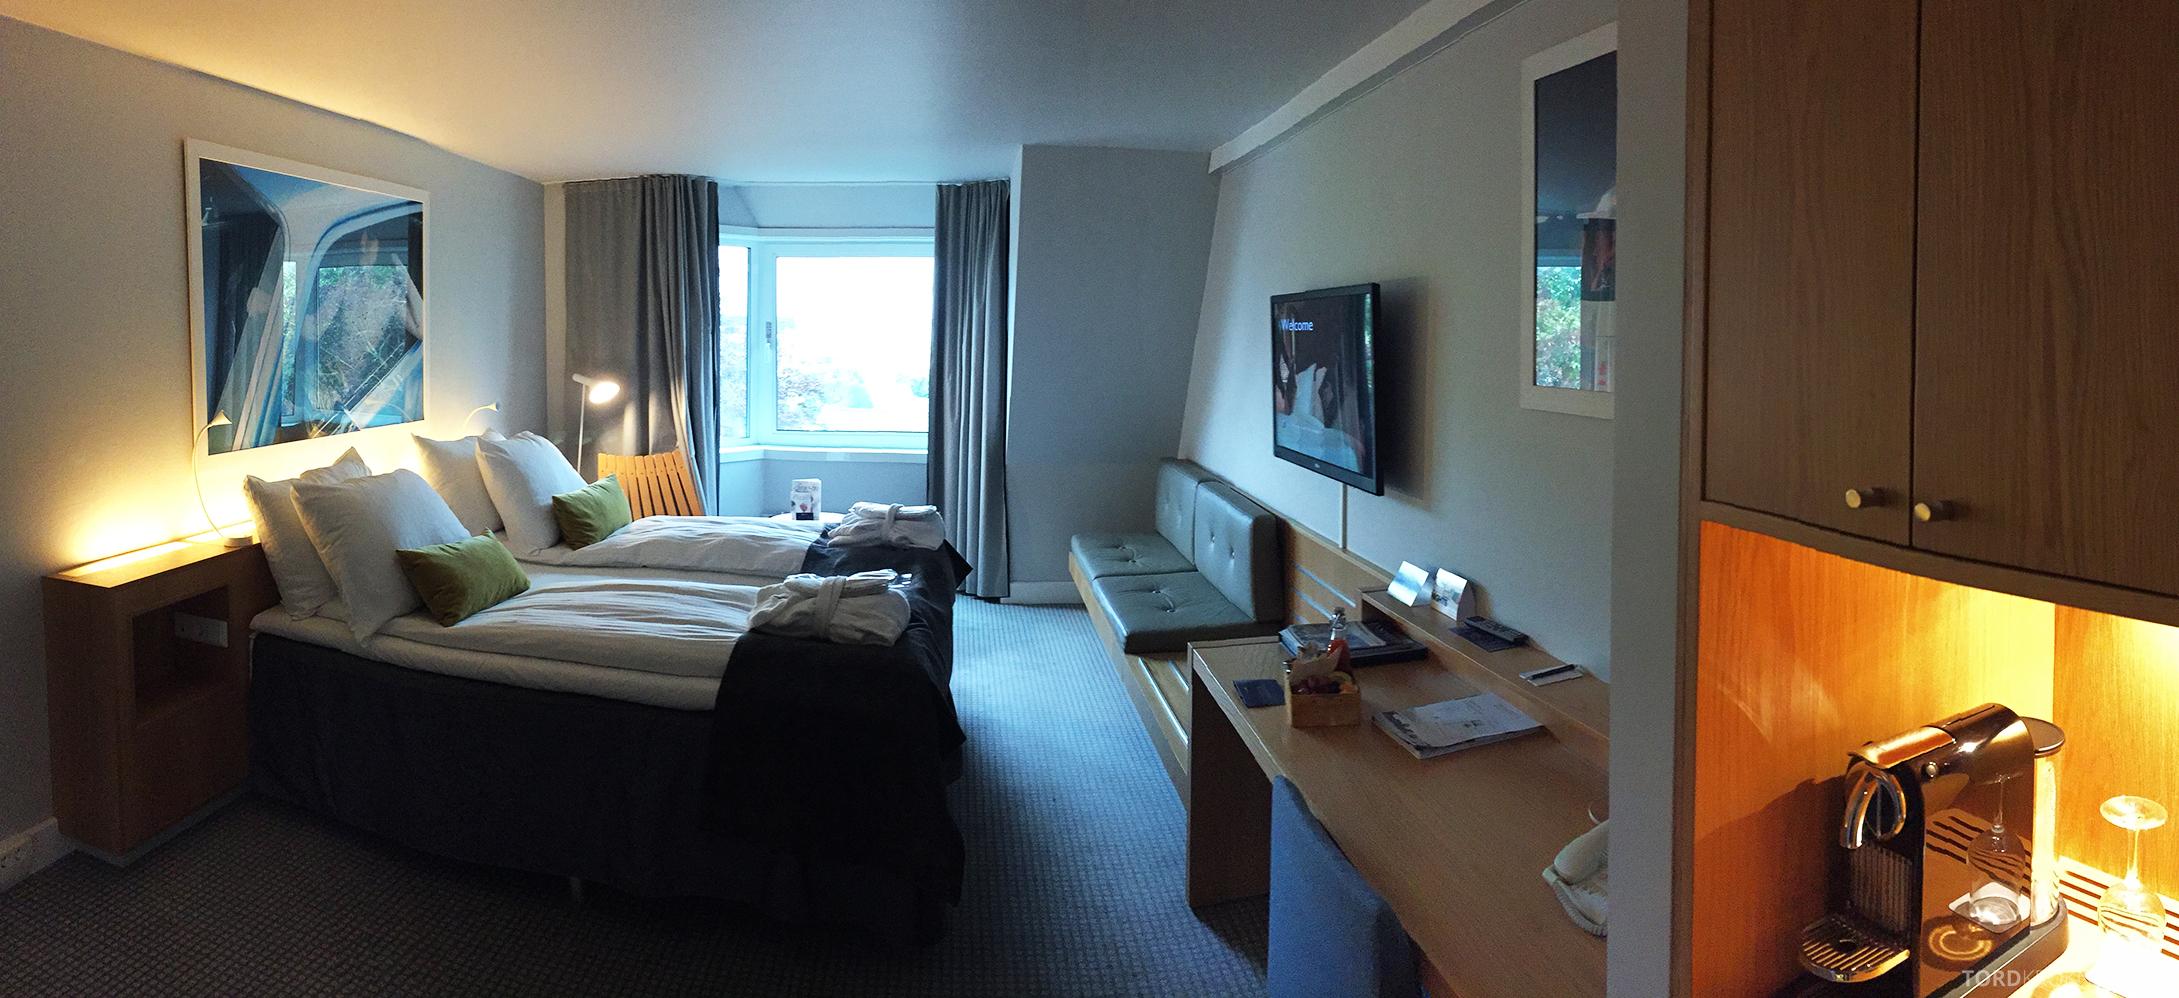 Radisson Blu Royal Stavanger rom